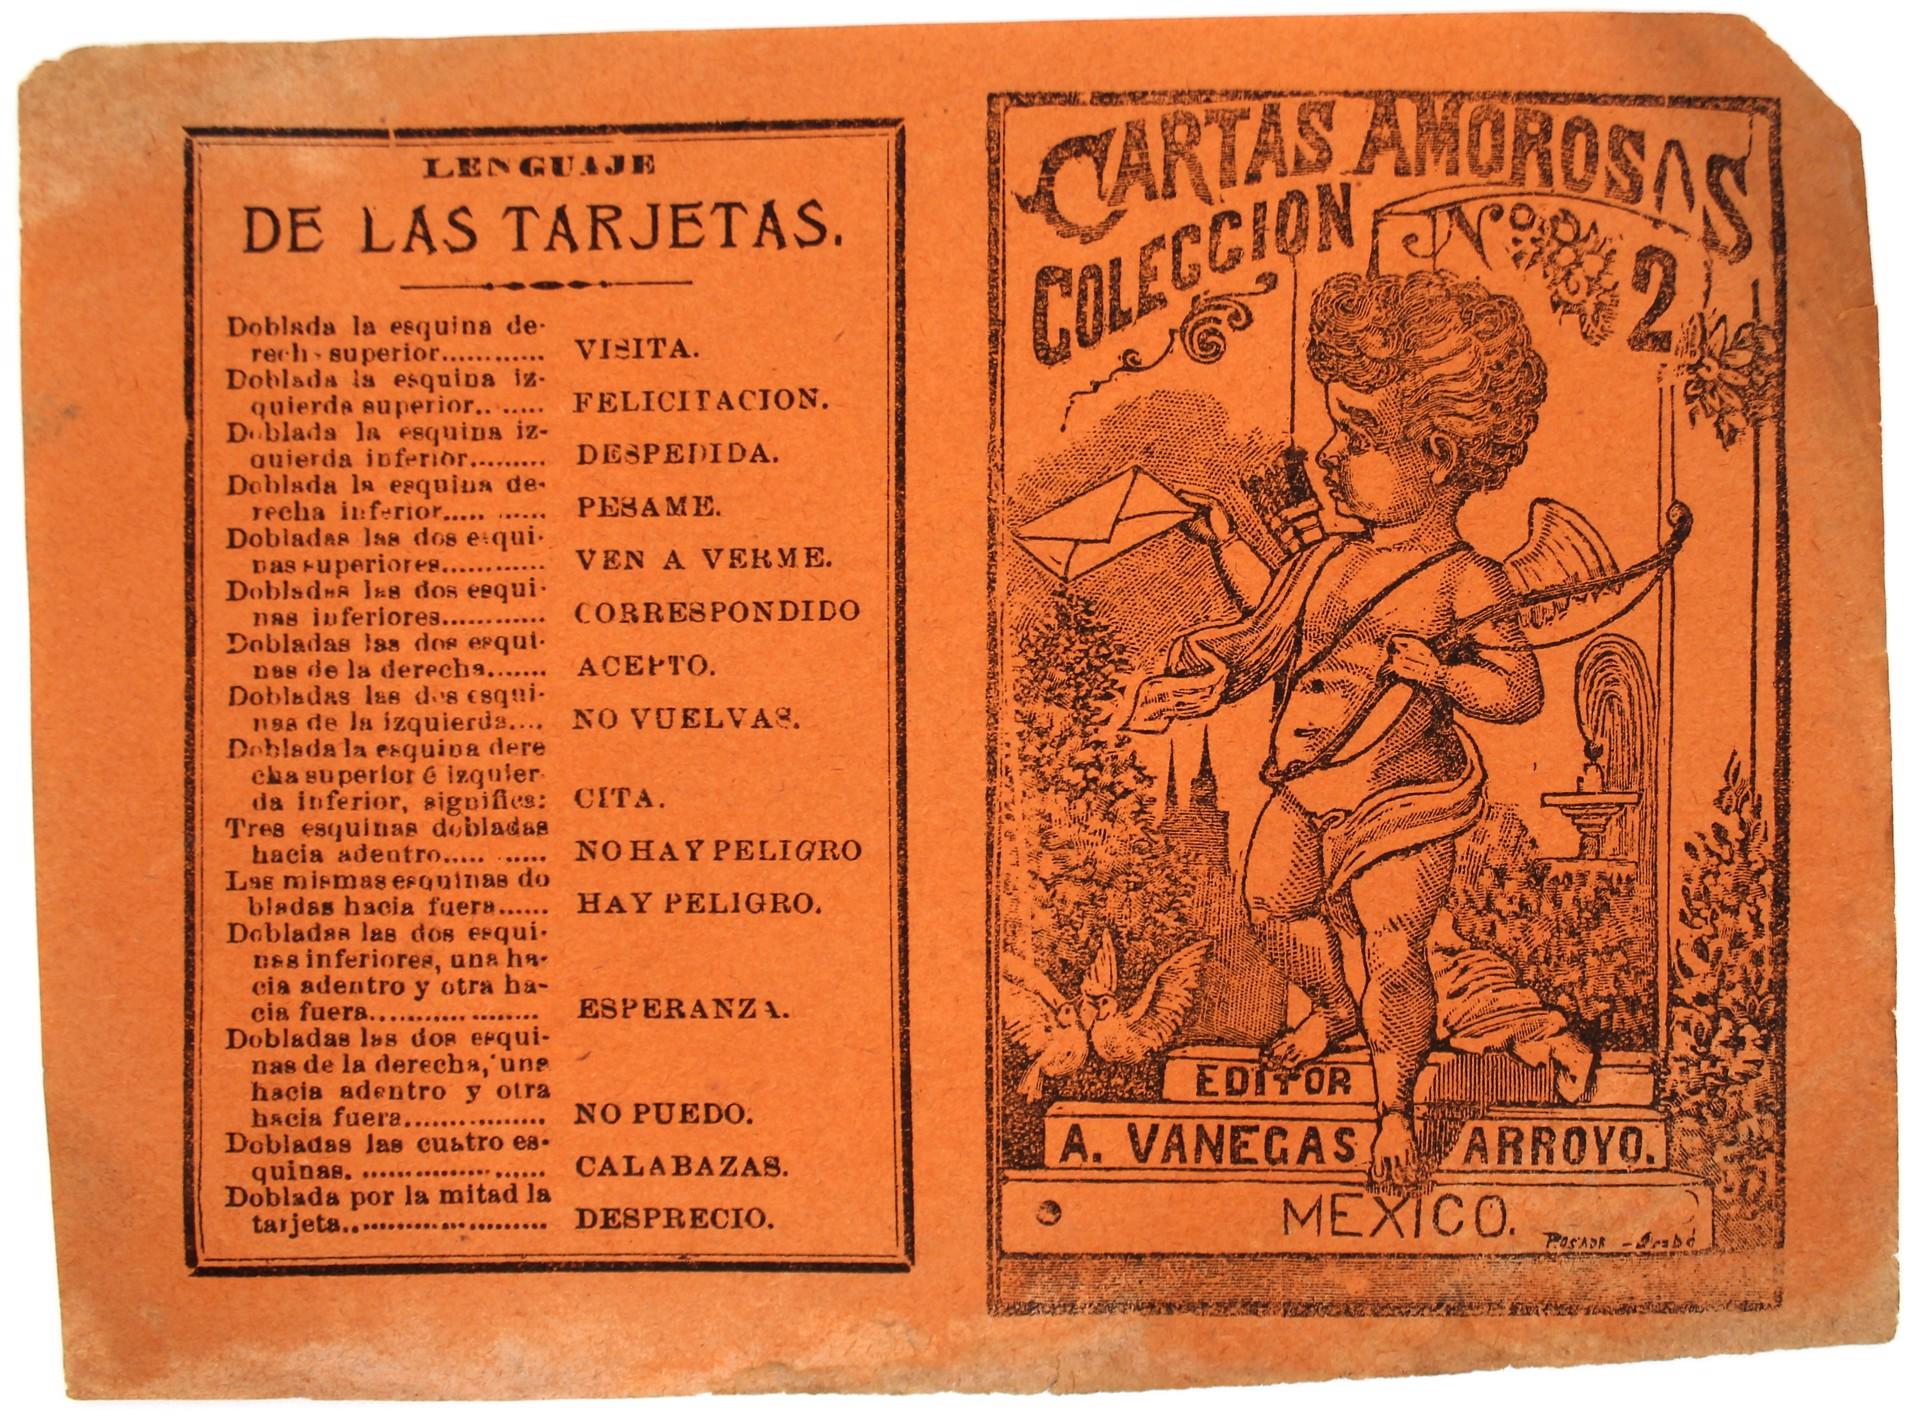 Coleccion de Cartas Amorosas, No 2 by José Guadalupe Posada (1852 - 1913)